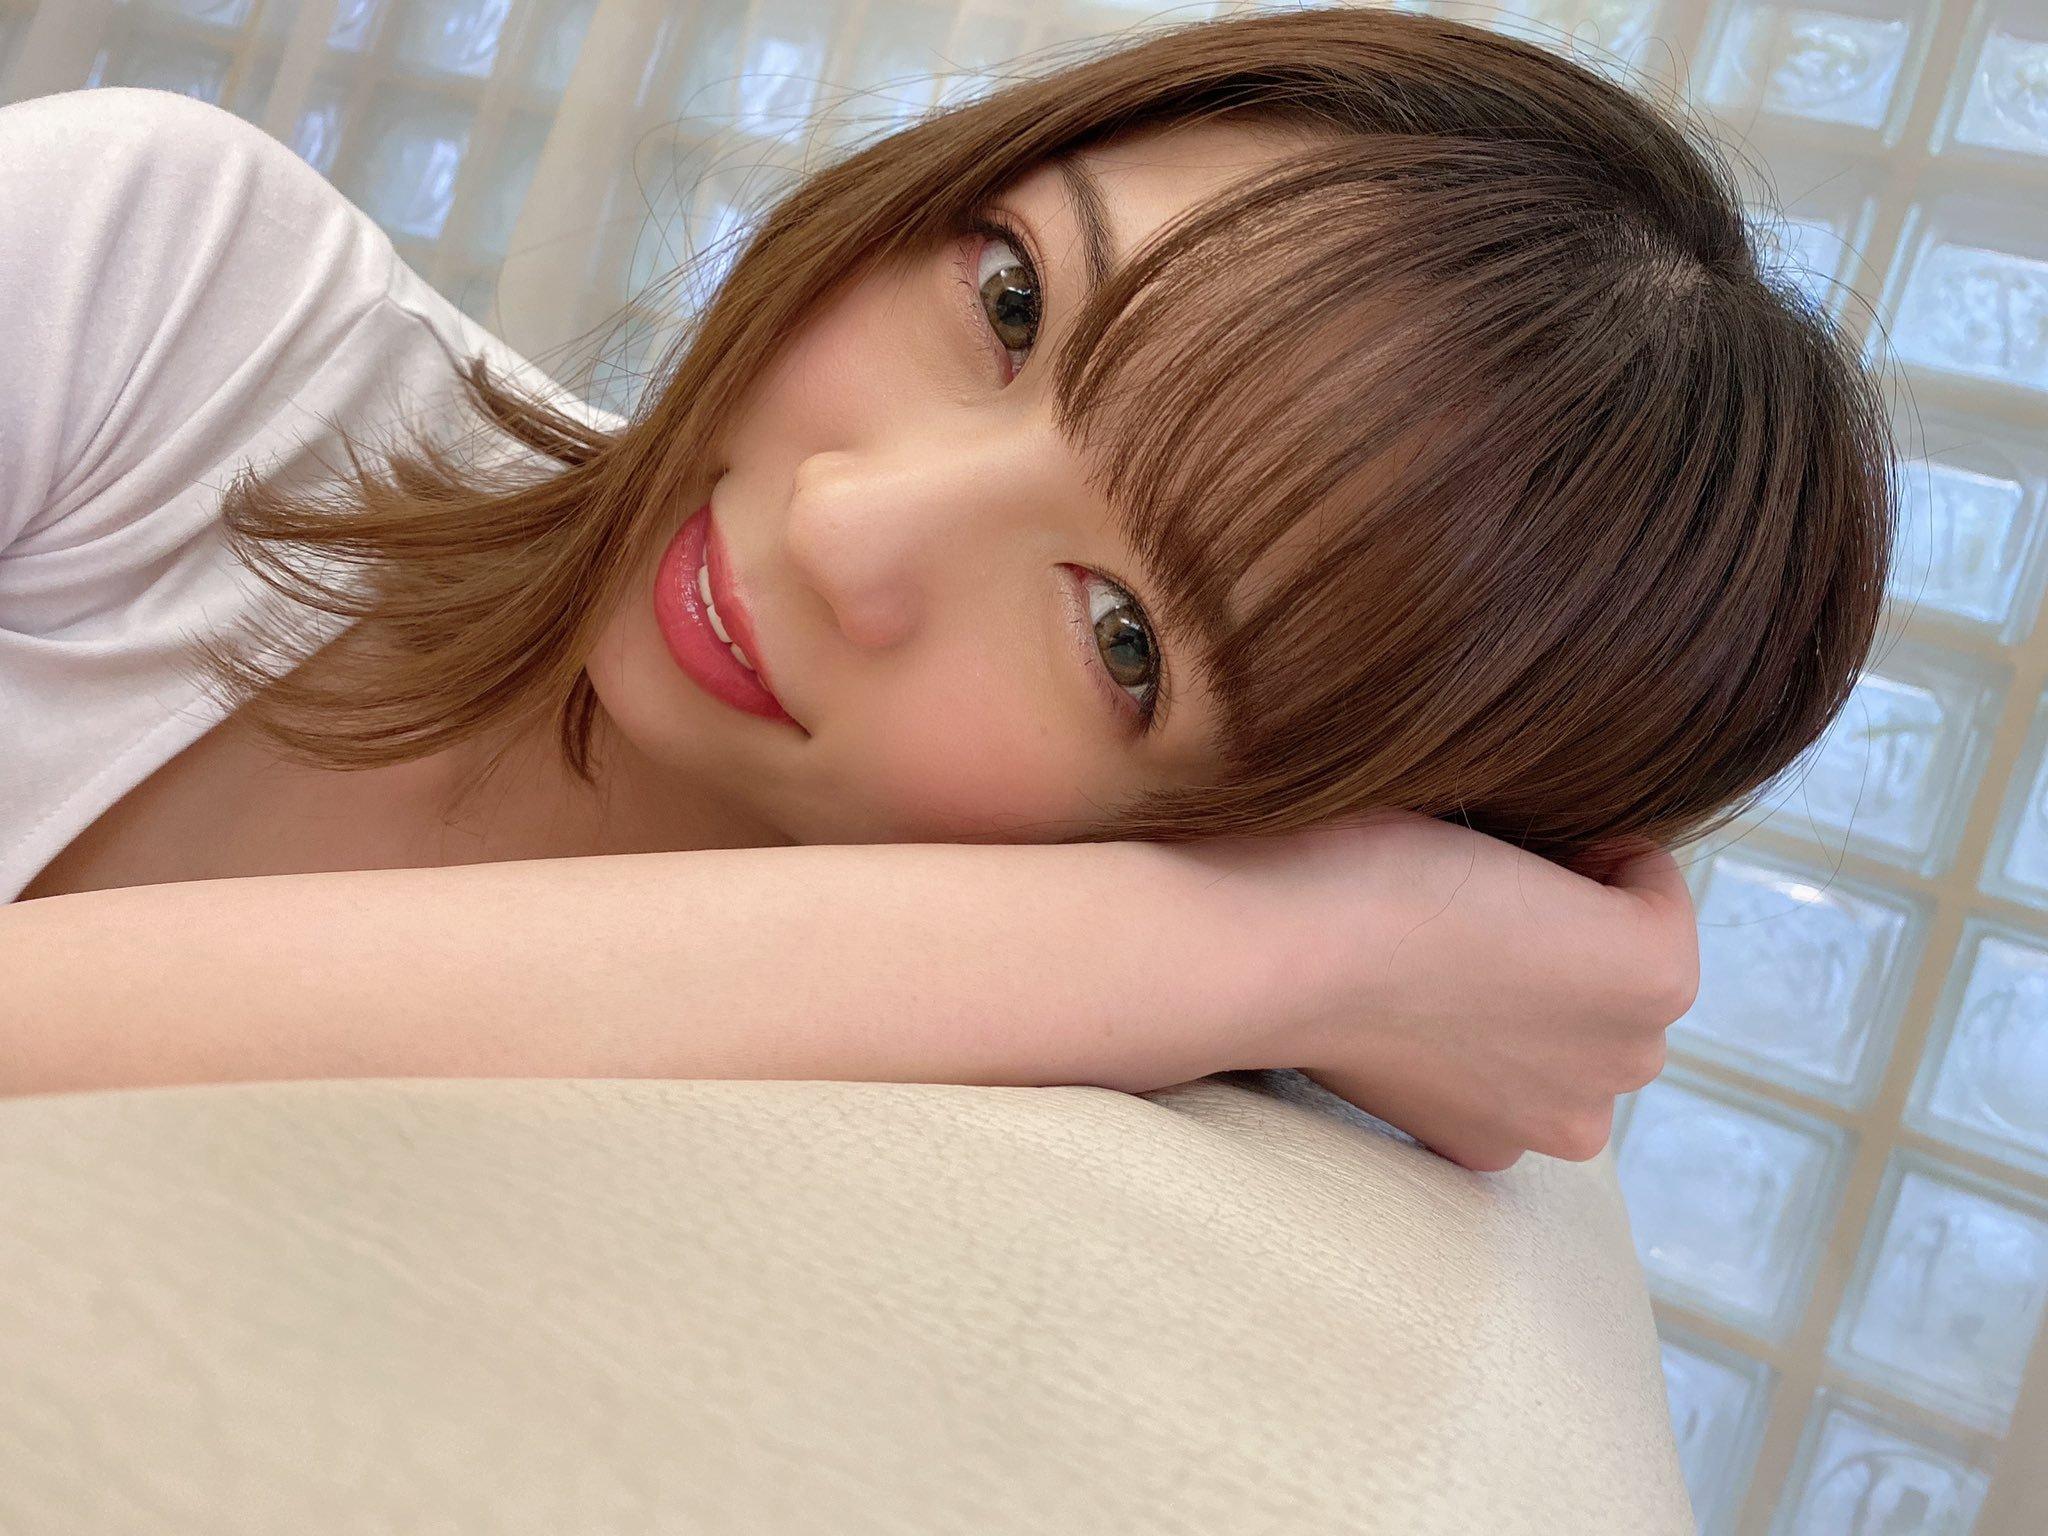 深田咏美再现魅魔 葵铃奈瘦小水着插图(41)